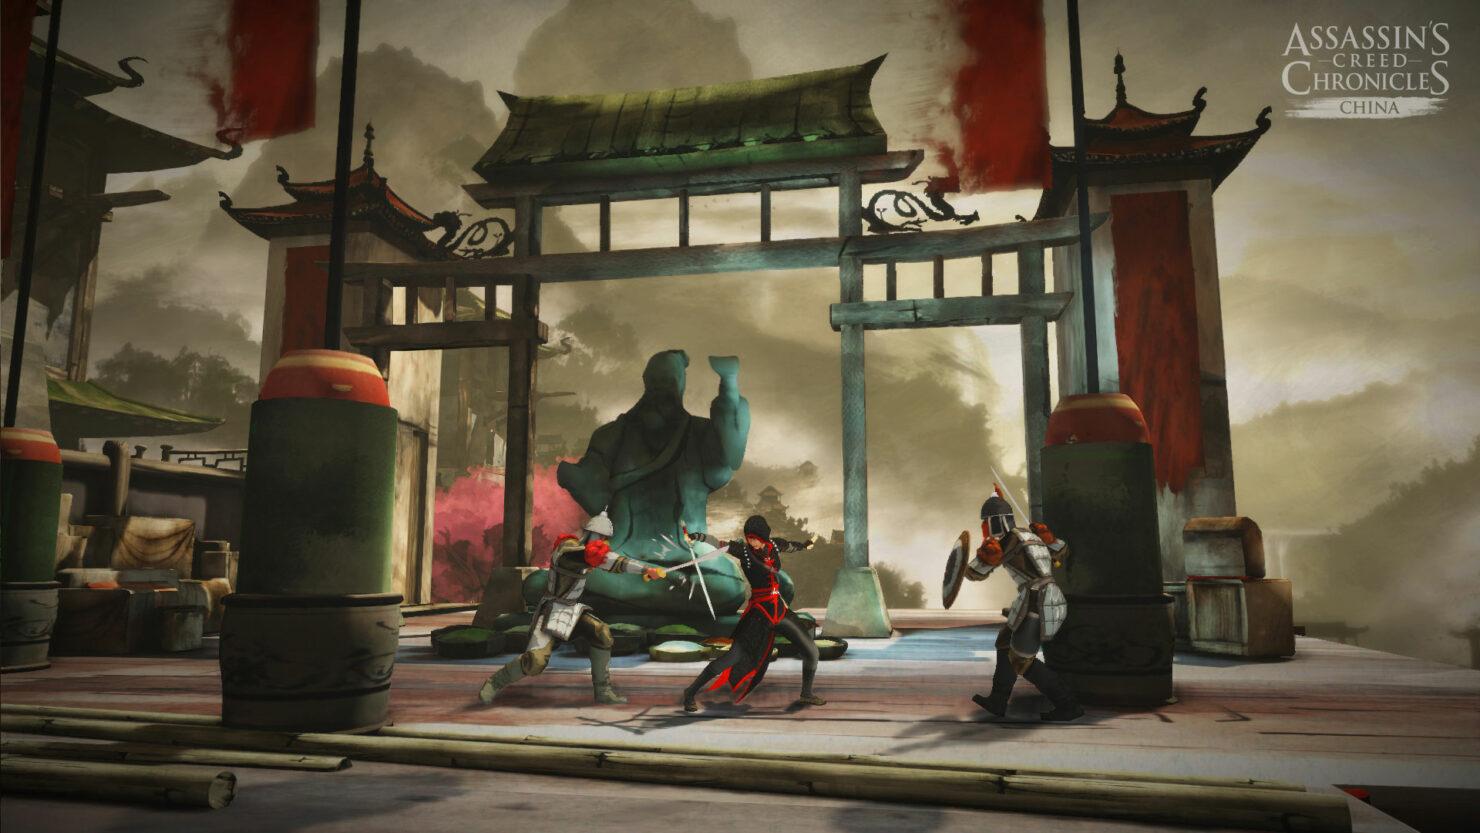 assassins-creed-china-6